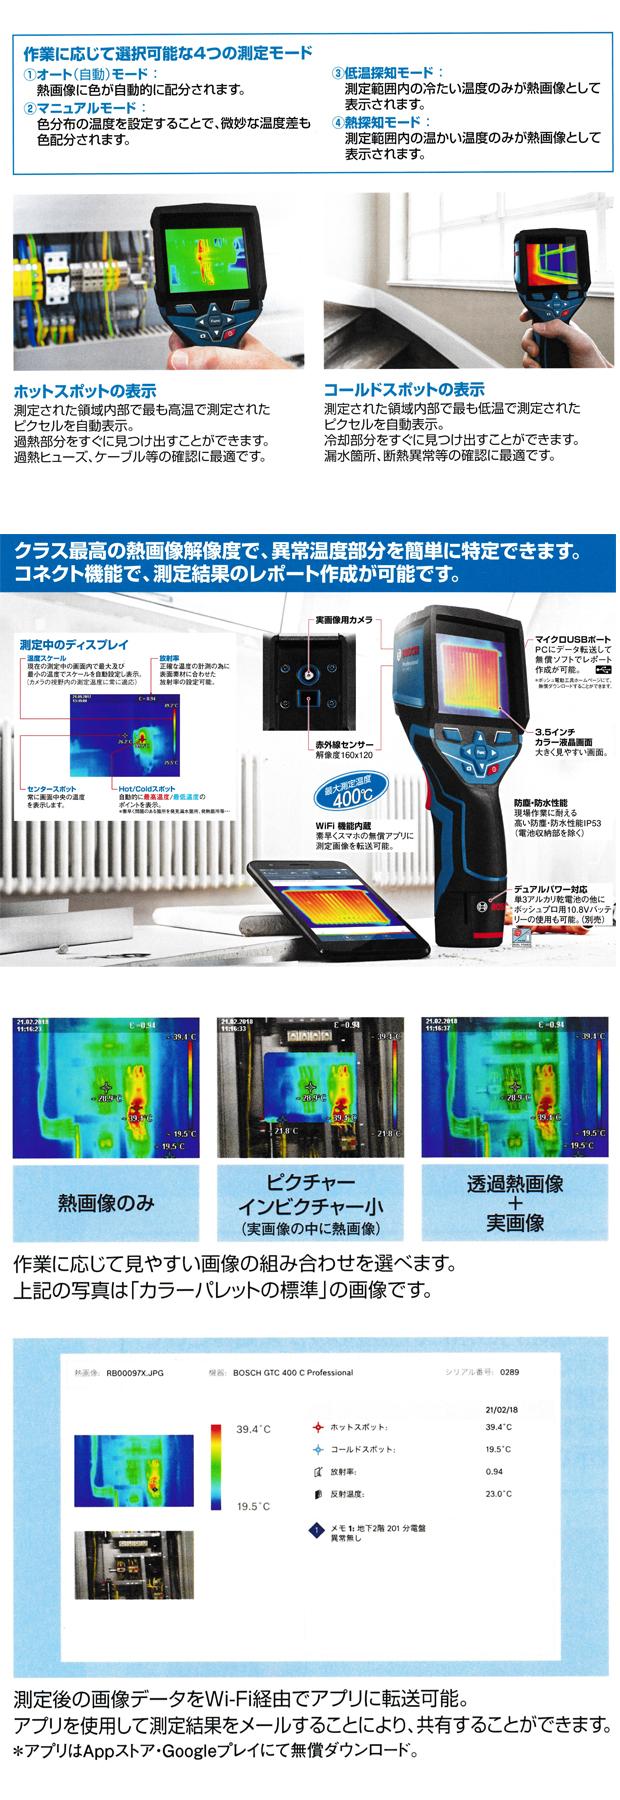 ボッシュ赤外線サーモグラフィー GTC400C